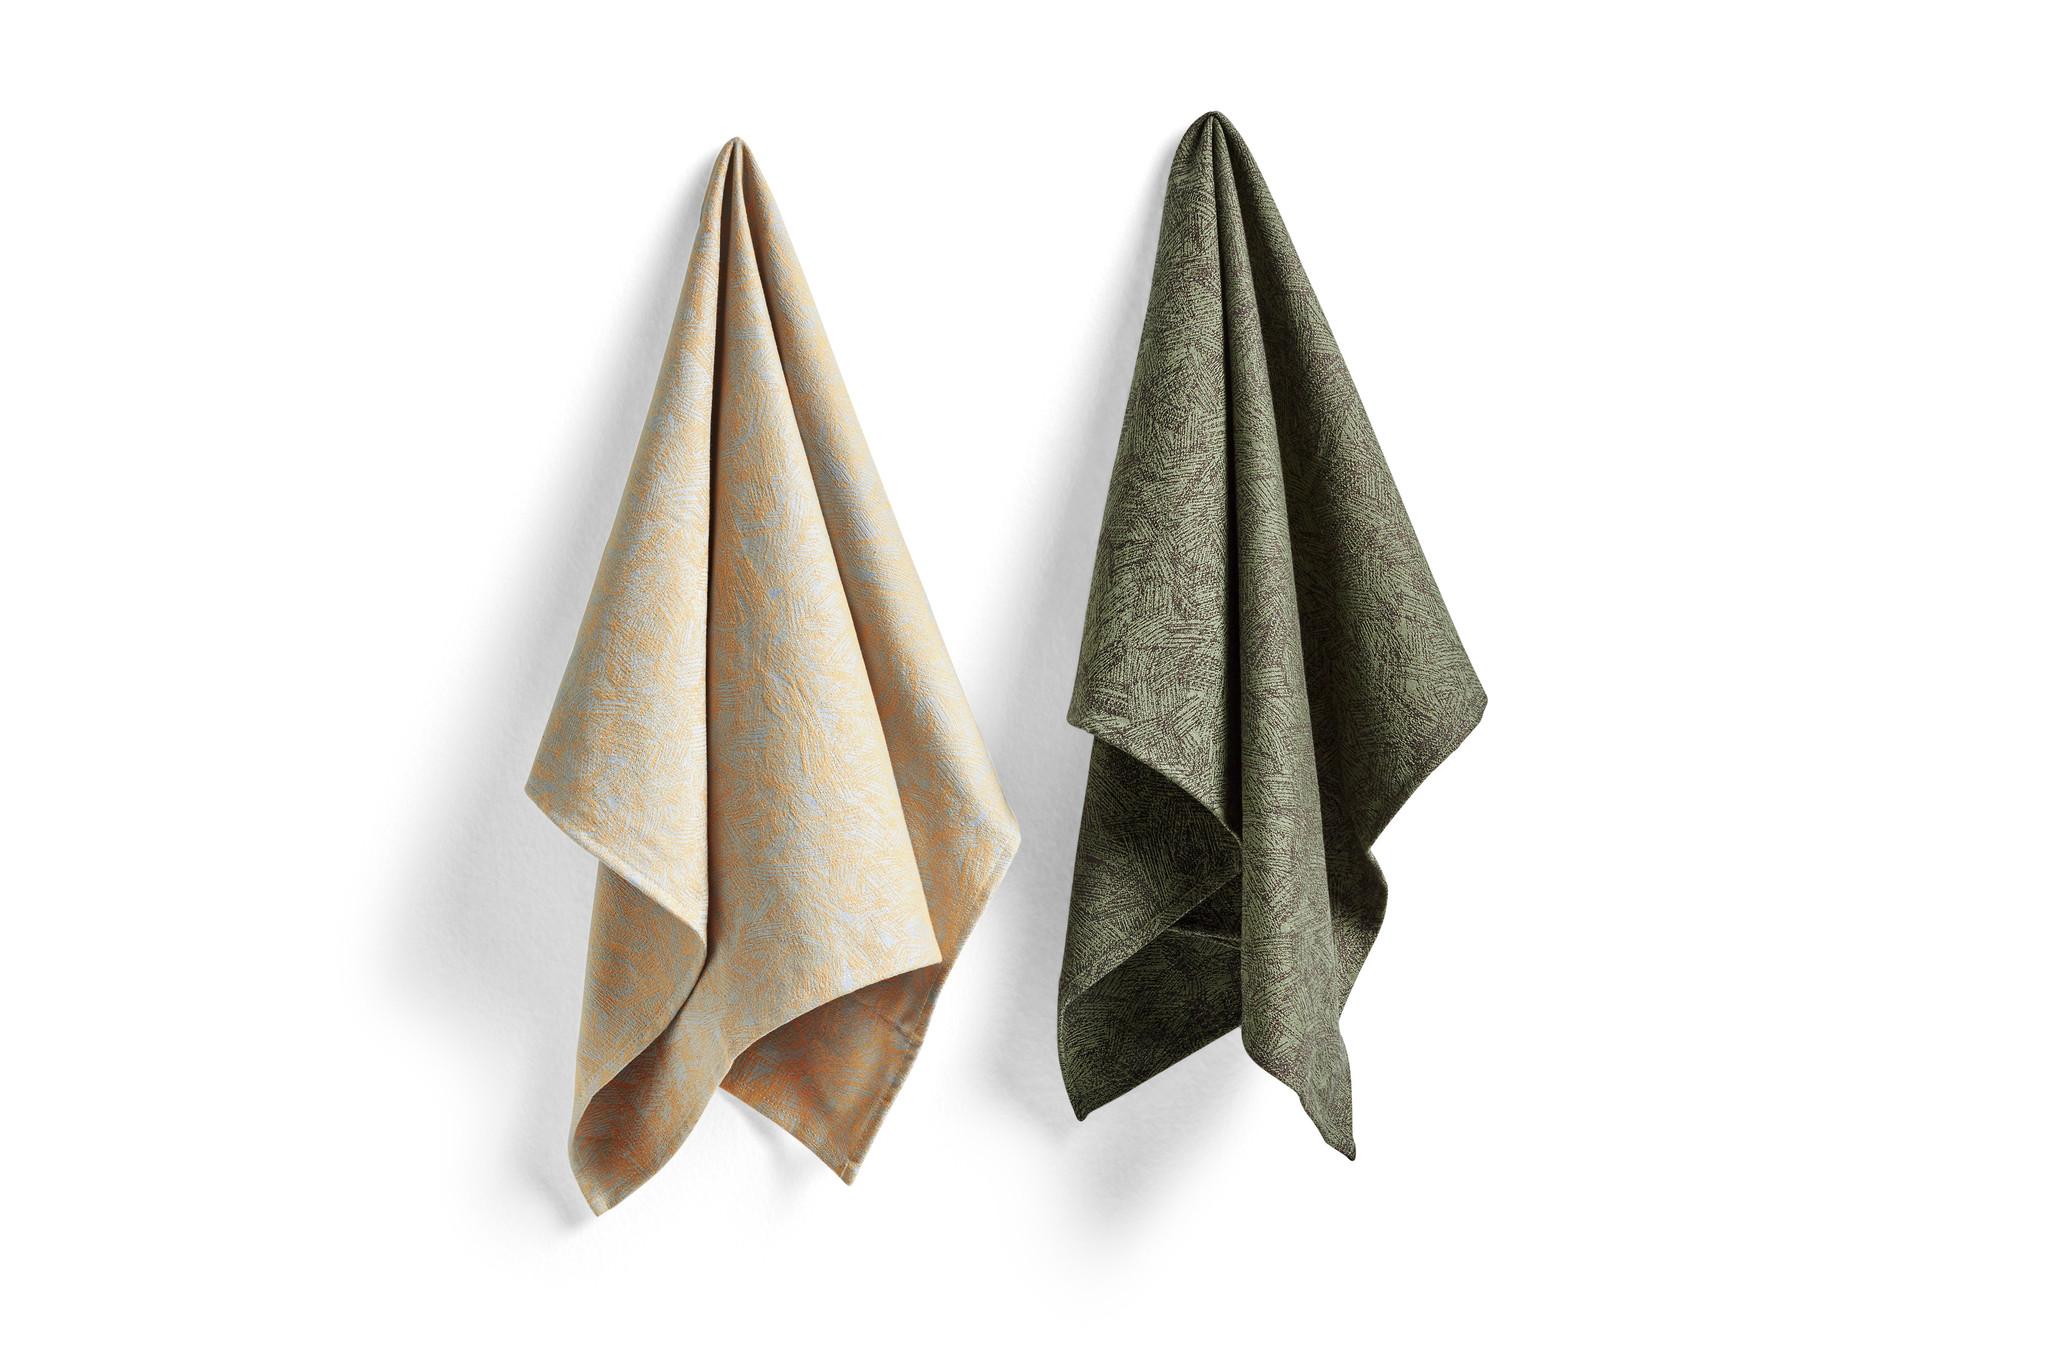 Tea towel S&B 2 Pcs.-9